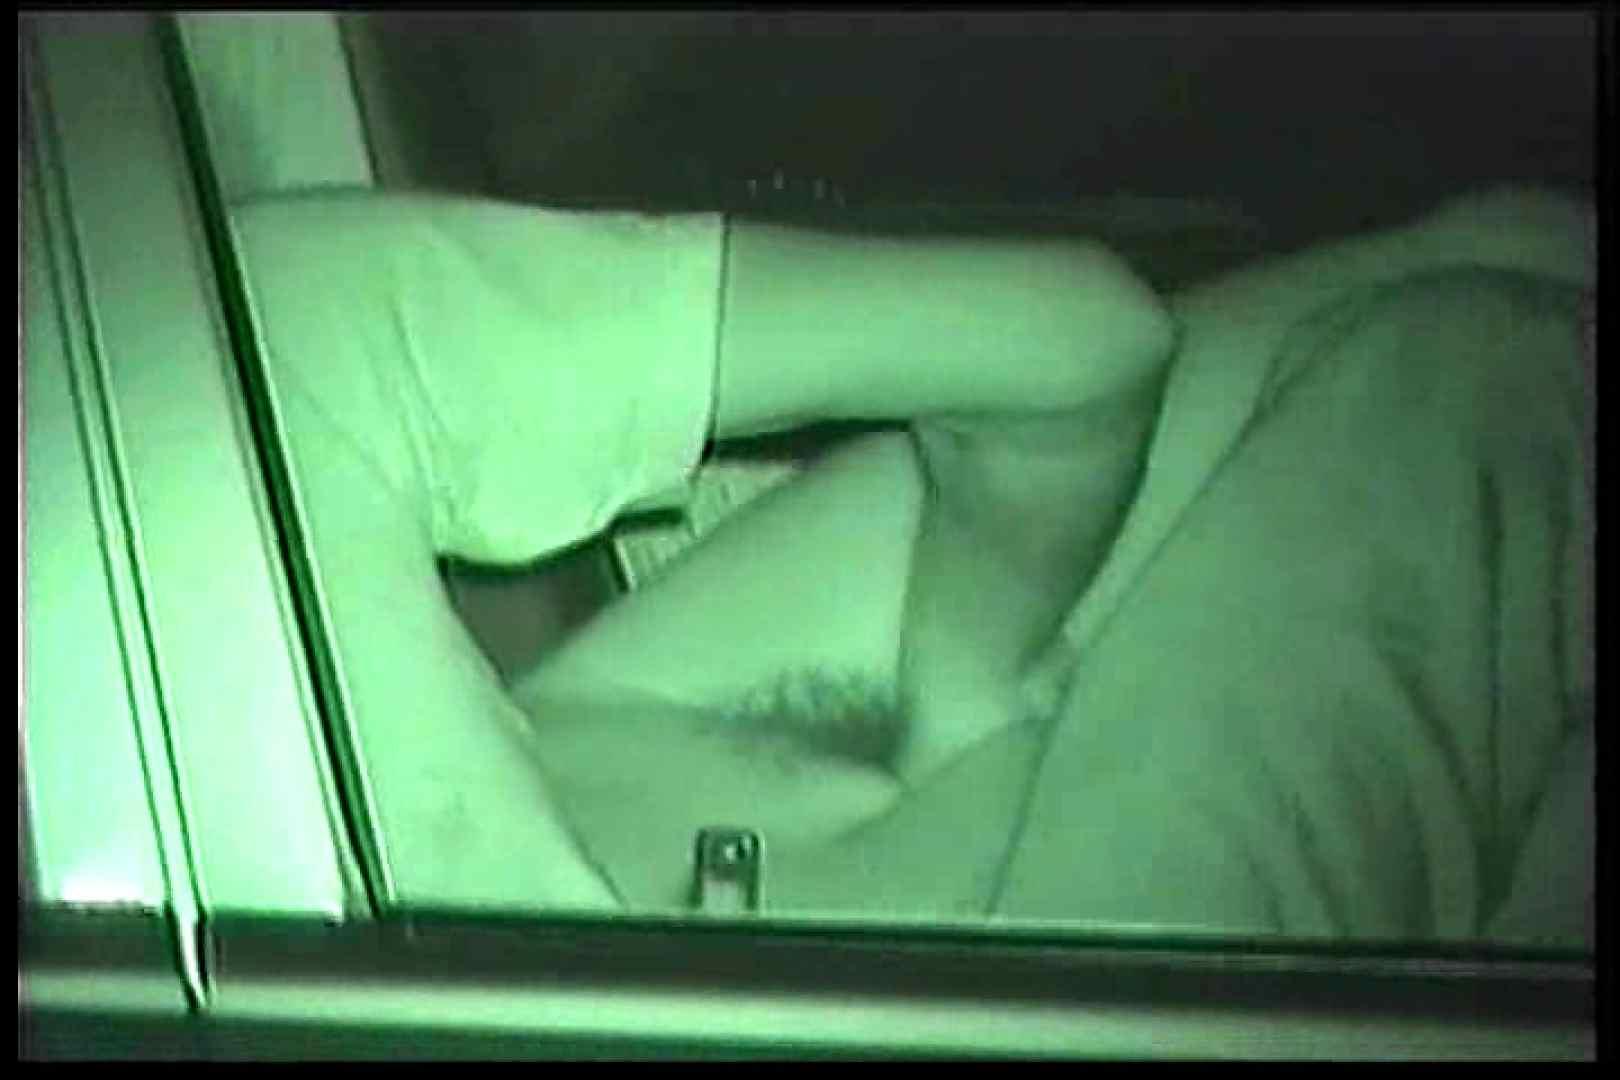 車の中はラブホテル 無修正版  Vol.11 カーセックス   0  34連発 28